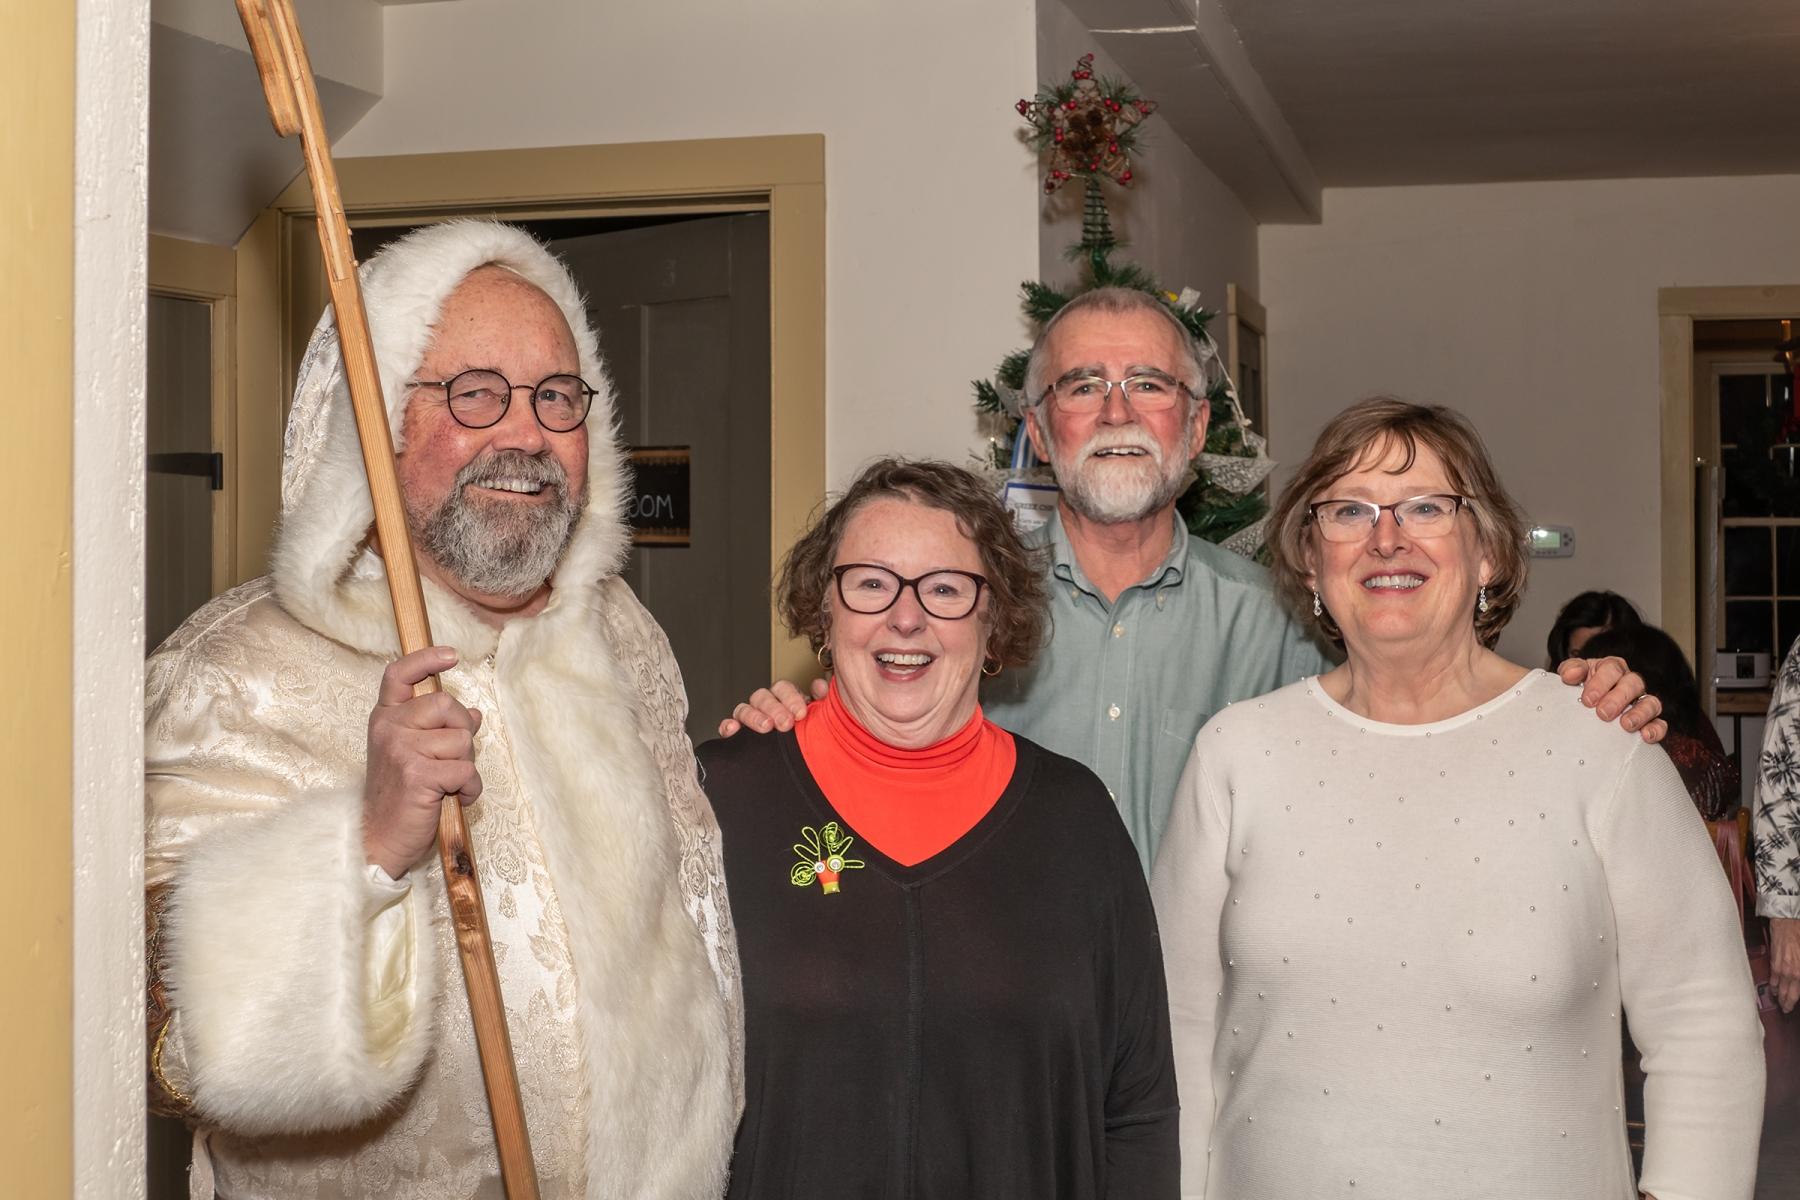 Robert Sochacki, Mary Jane & Jim Kearns, Rhonda York.